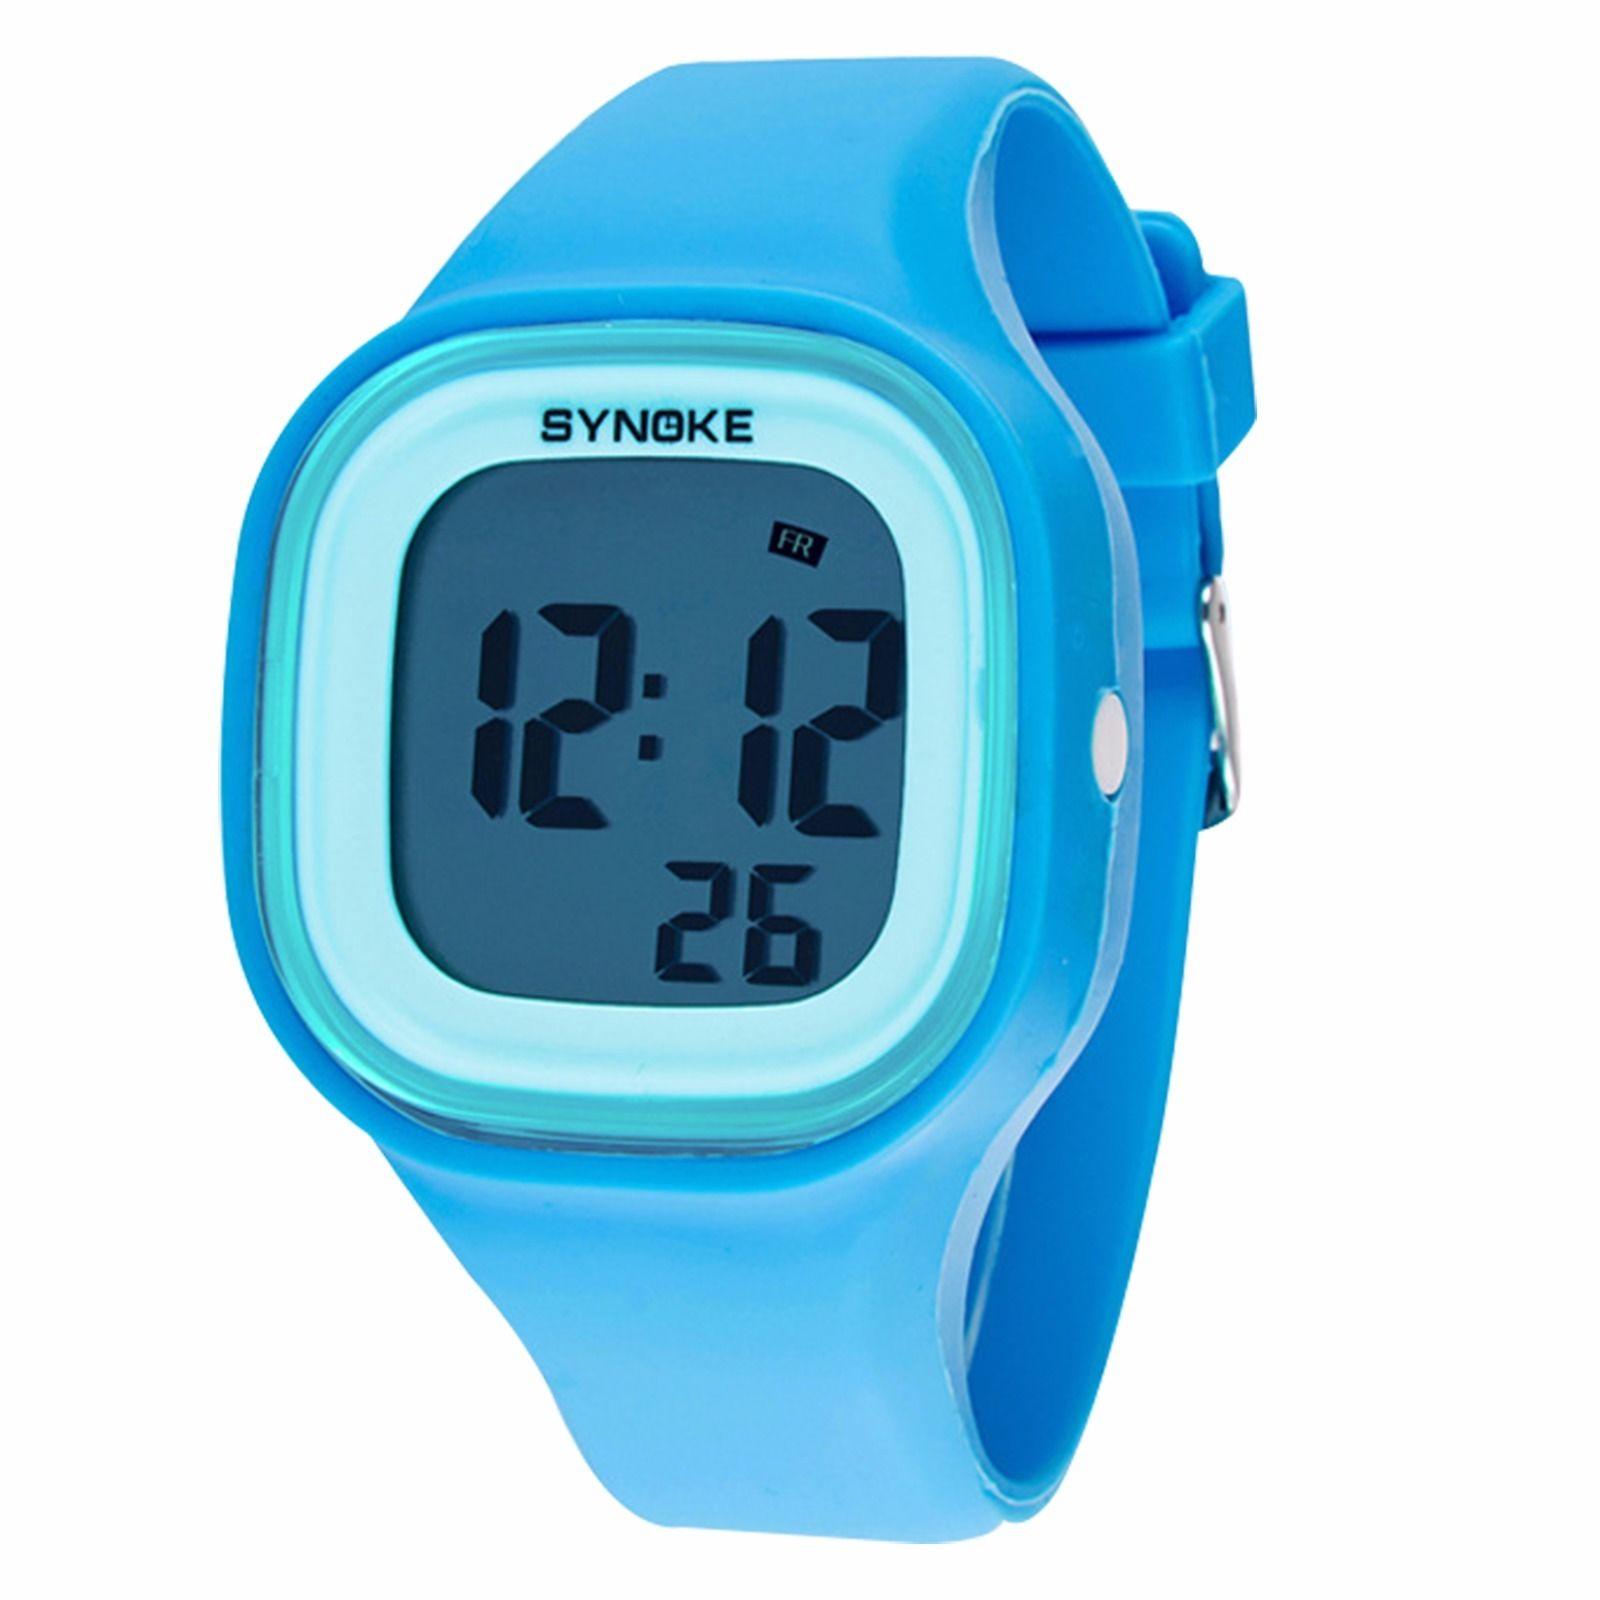 Силиконовые LED часы SHORS SH-689 голубыеСпортивные LED часы<br>Электронные LED часы поддерживают функцию отображения даты и недели. Водонепроницаемость  30м. Подходят, как для женщин, так и для мужчин<br>